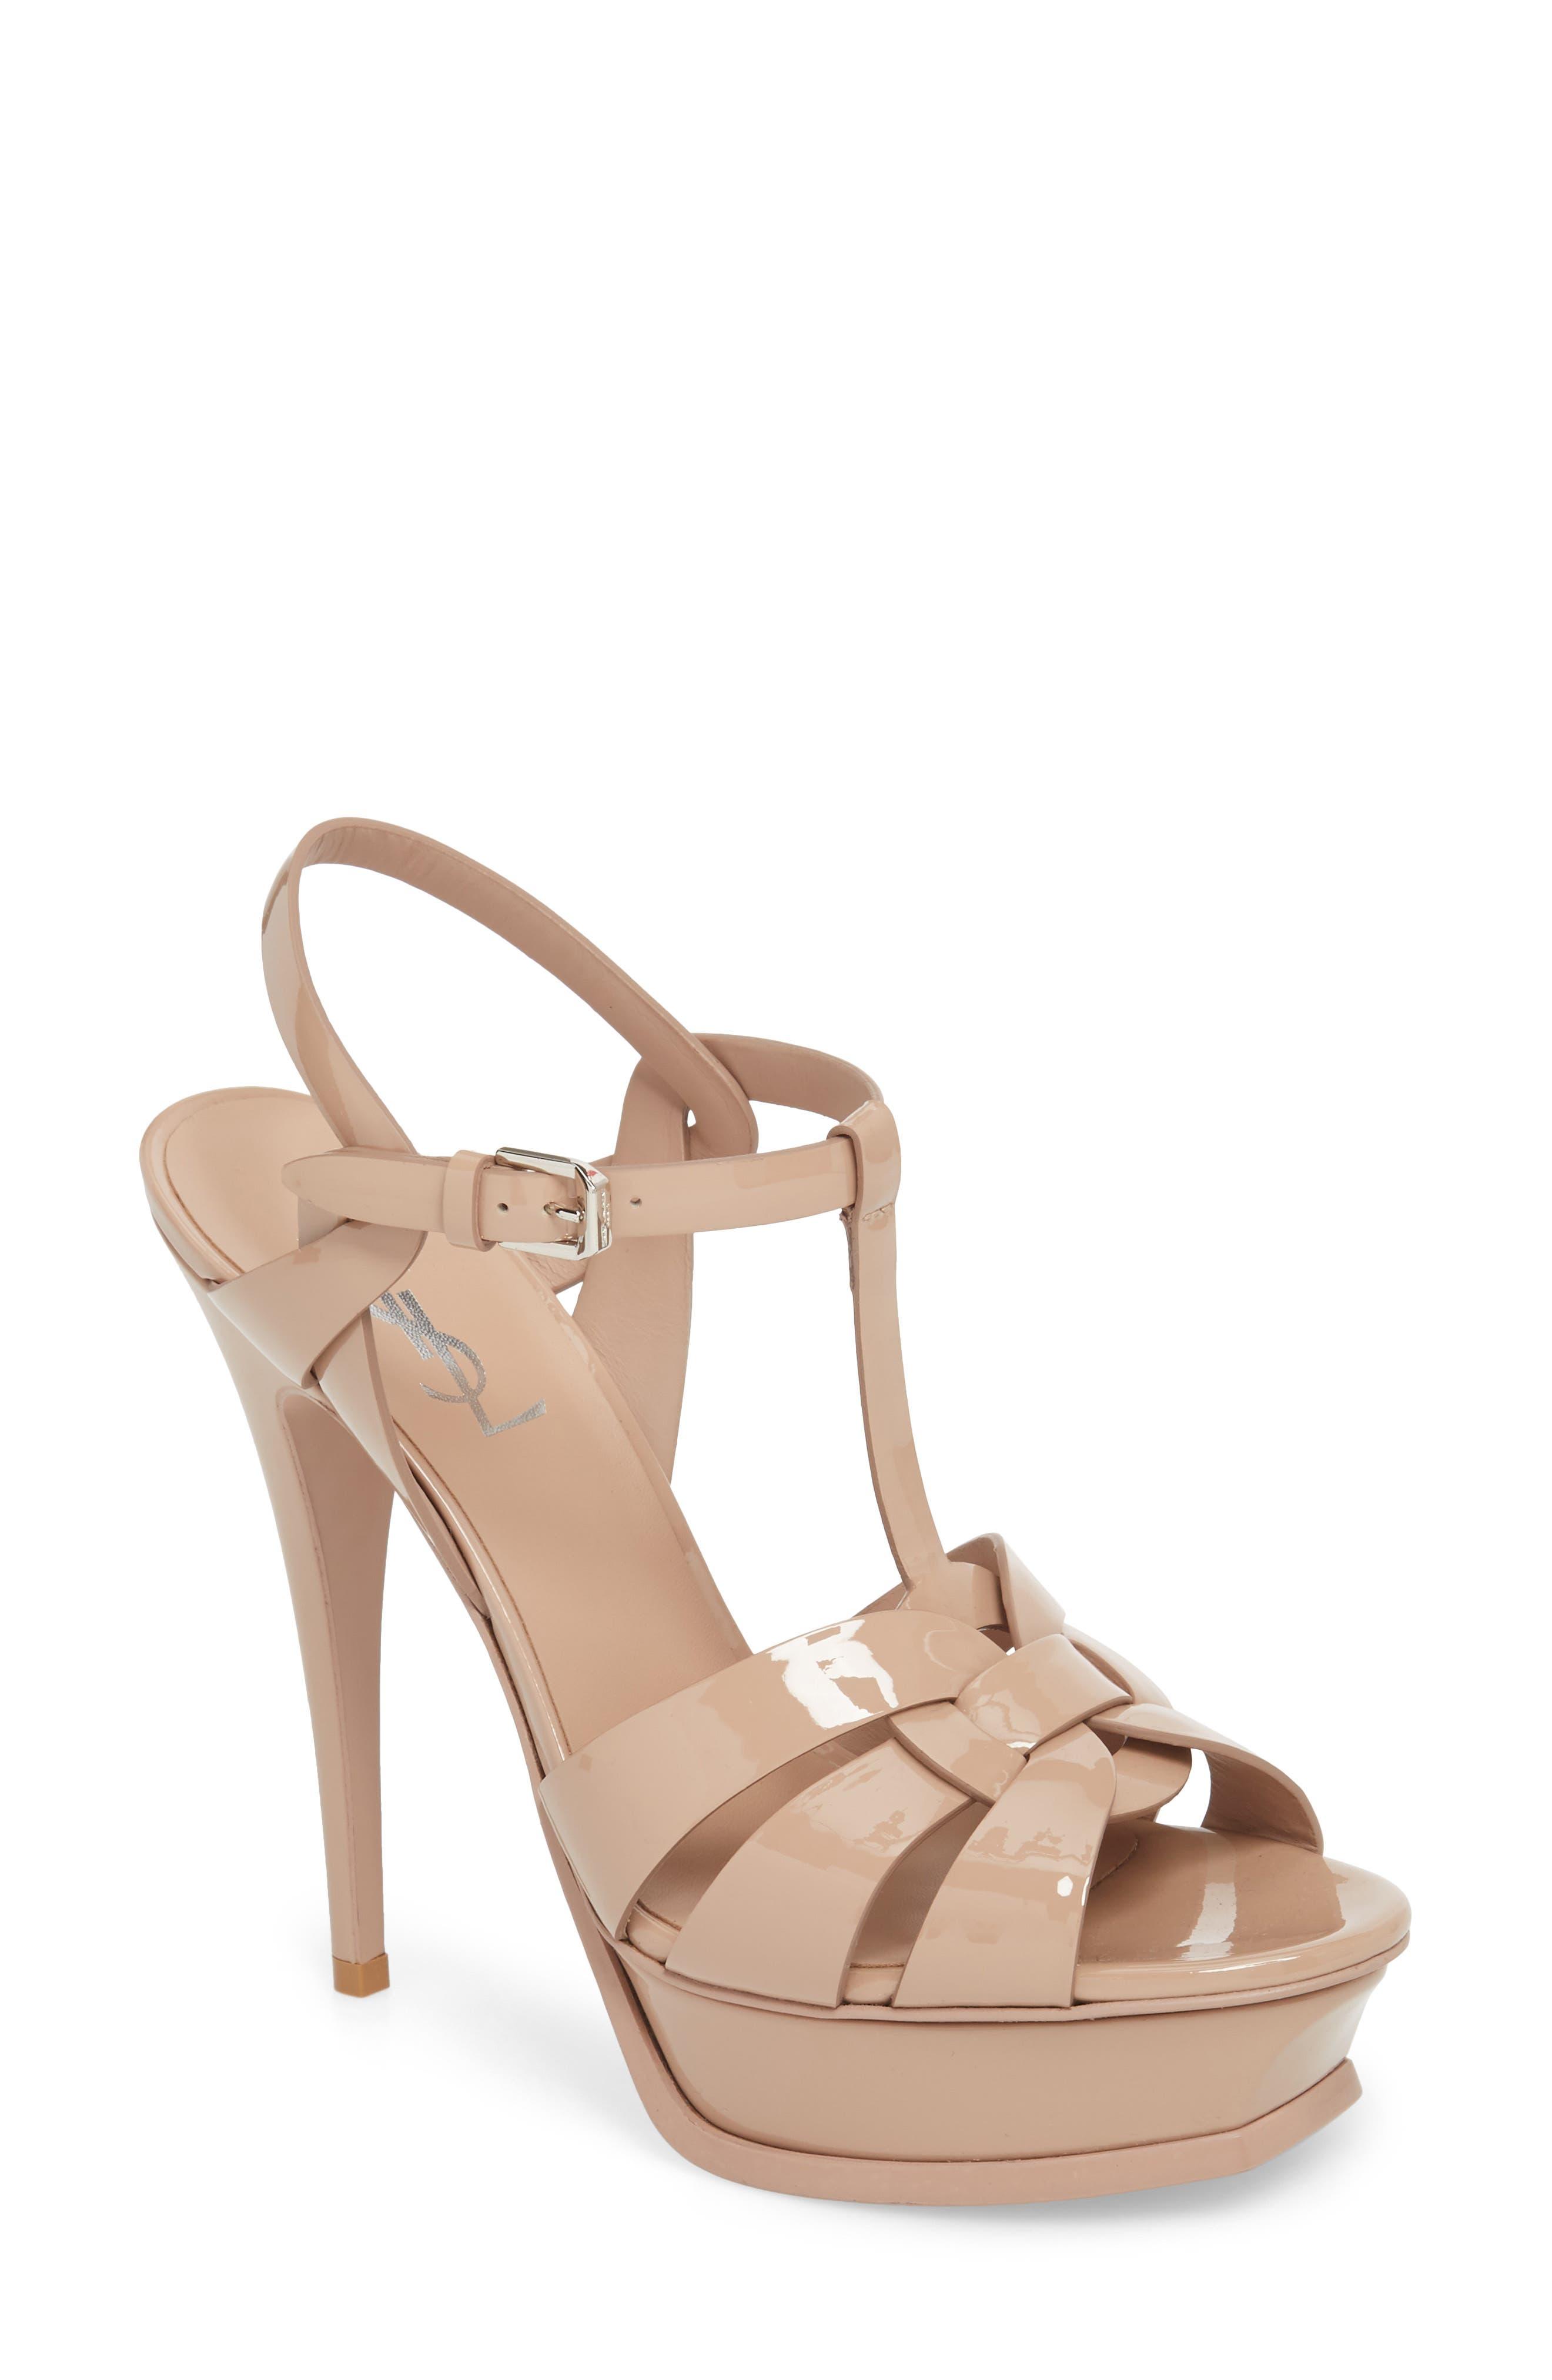 saint laurent women s shoes nordstrom rh shop nordstrom com